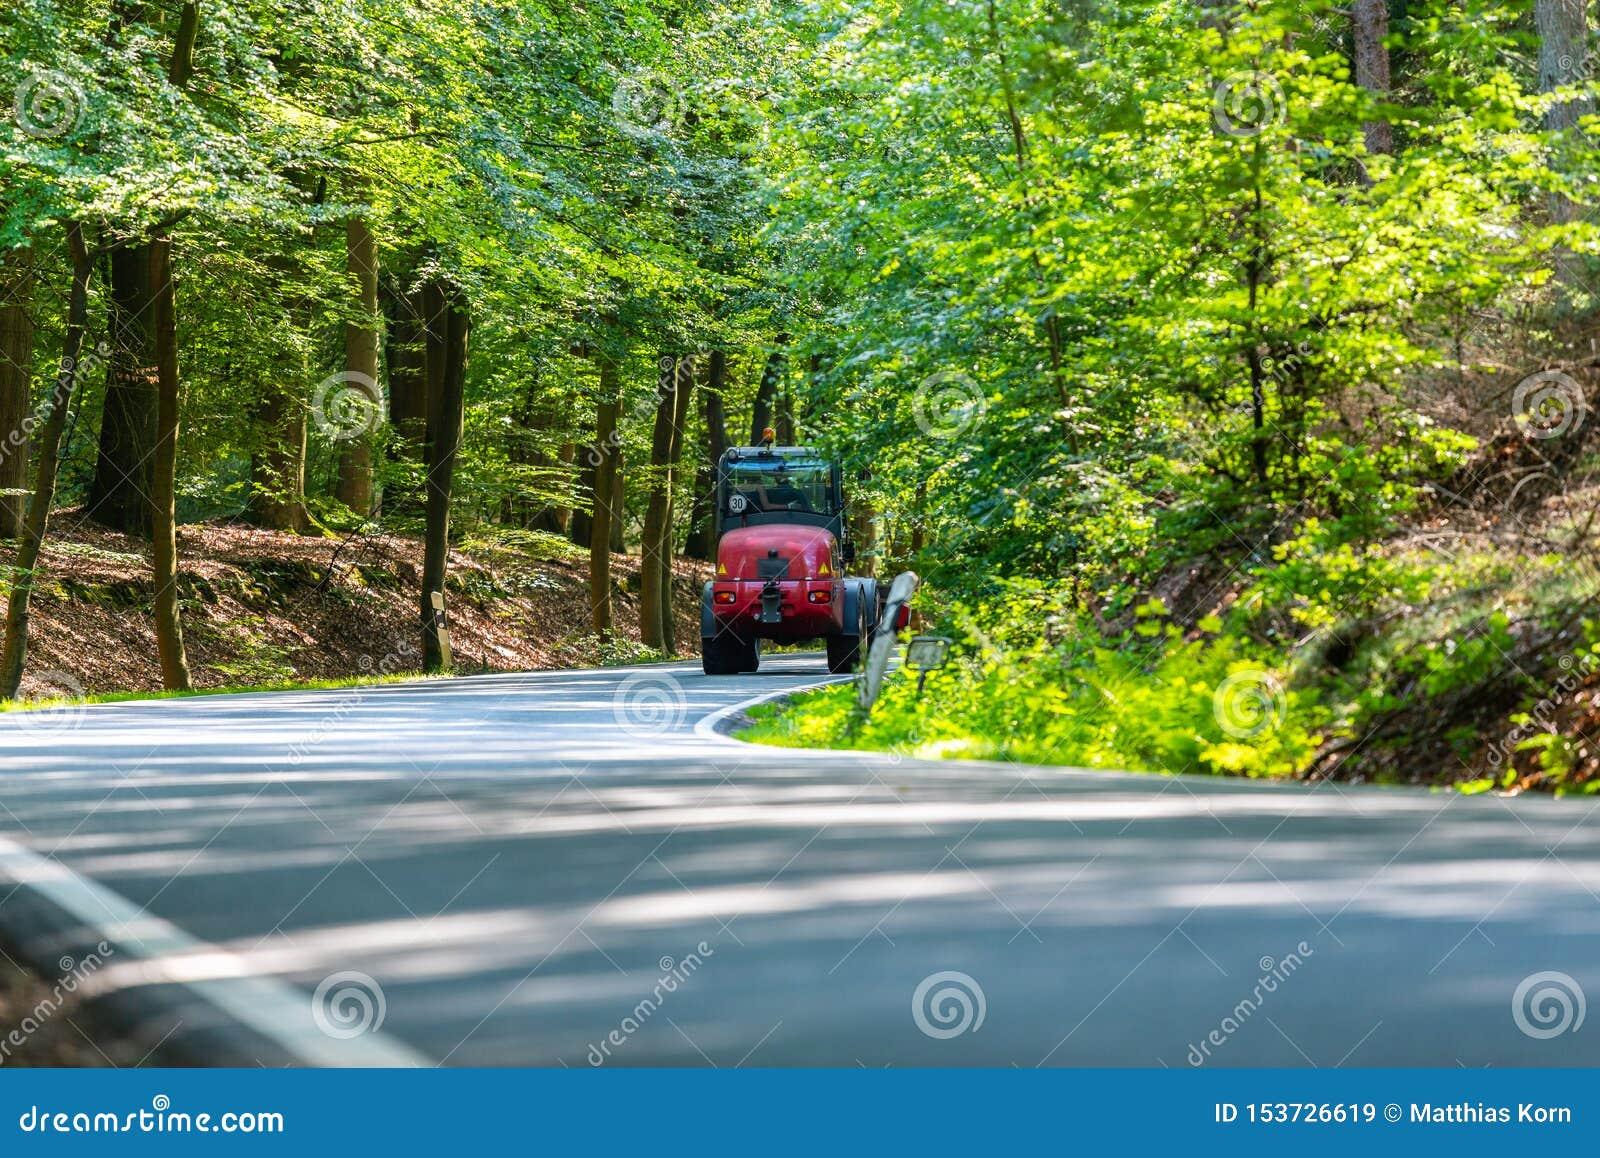 Uma estrada secundária perigosa em uma floresta da rena apenas que chove canivetes assim em Alemanha